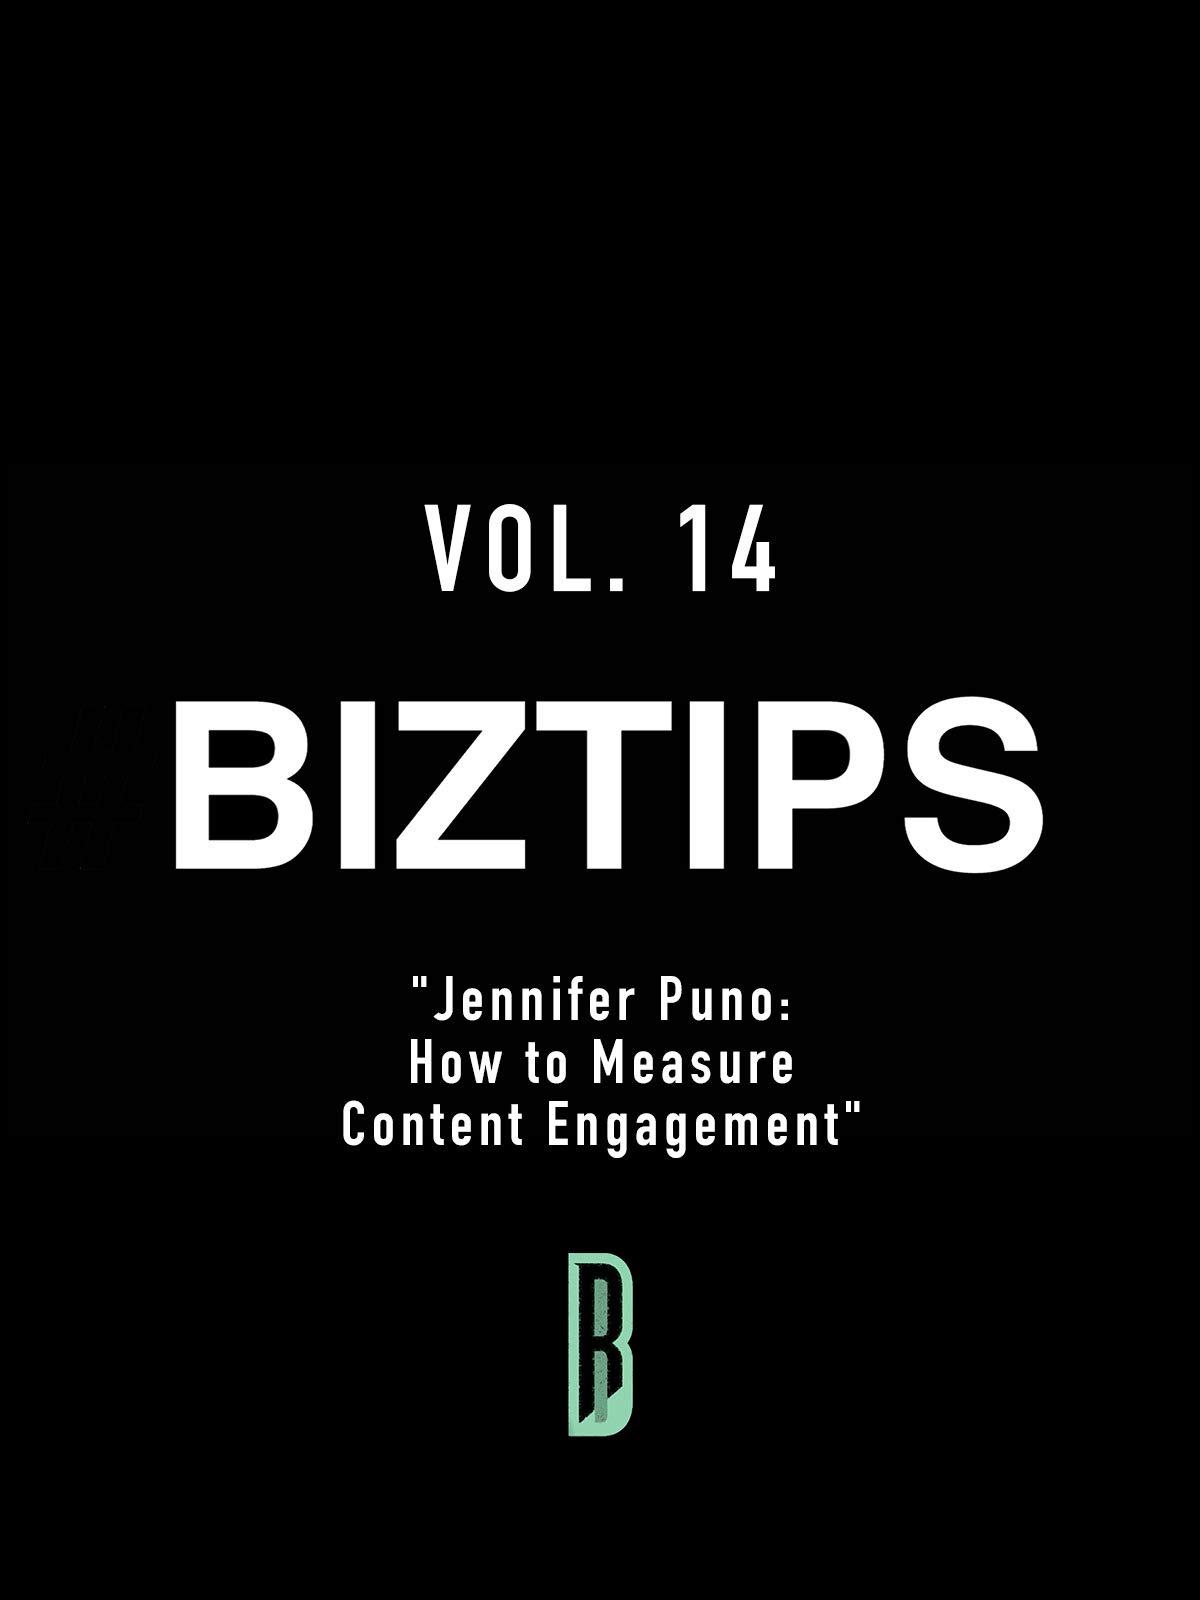 BizTips Vol. 14